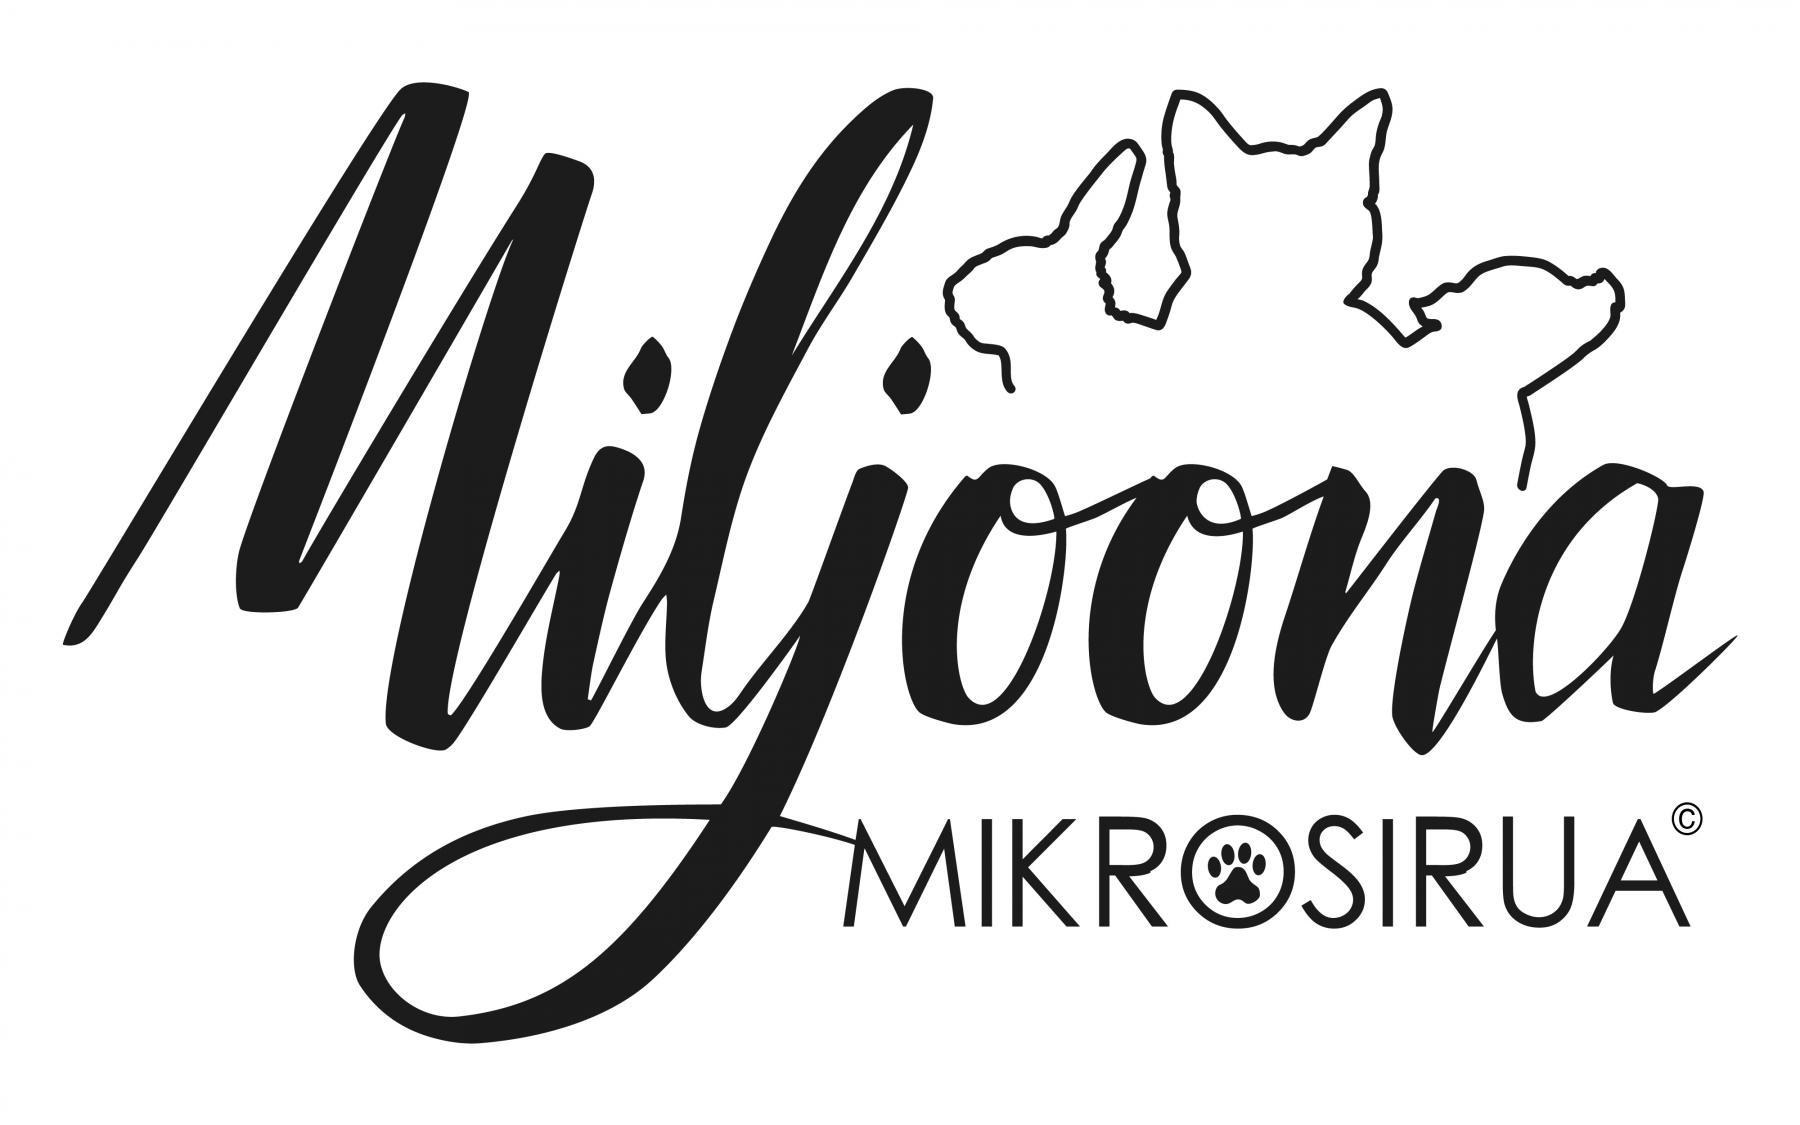 Miljoona Mirosirua -projektin logo